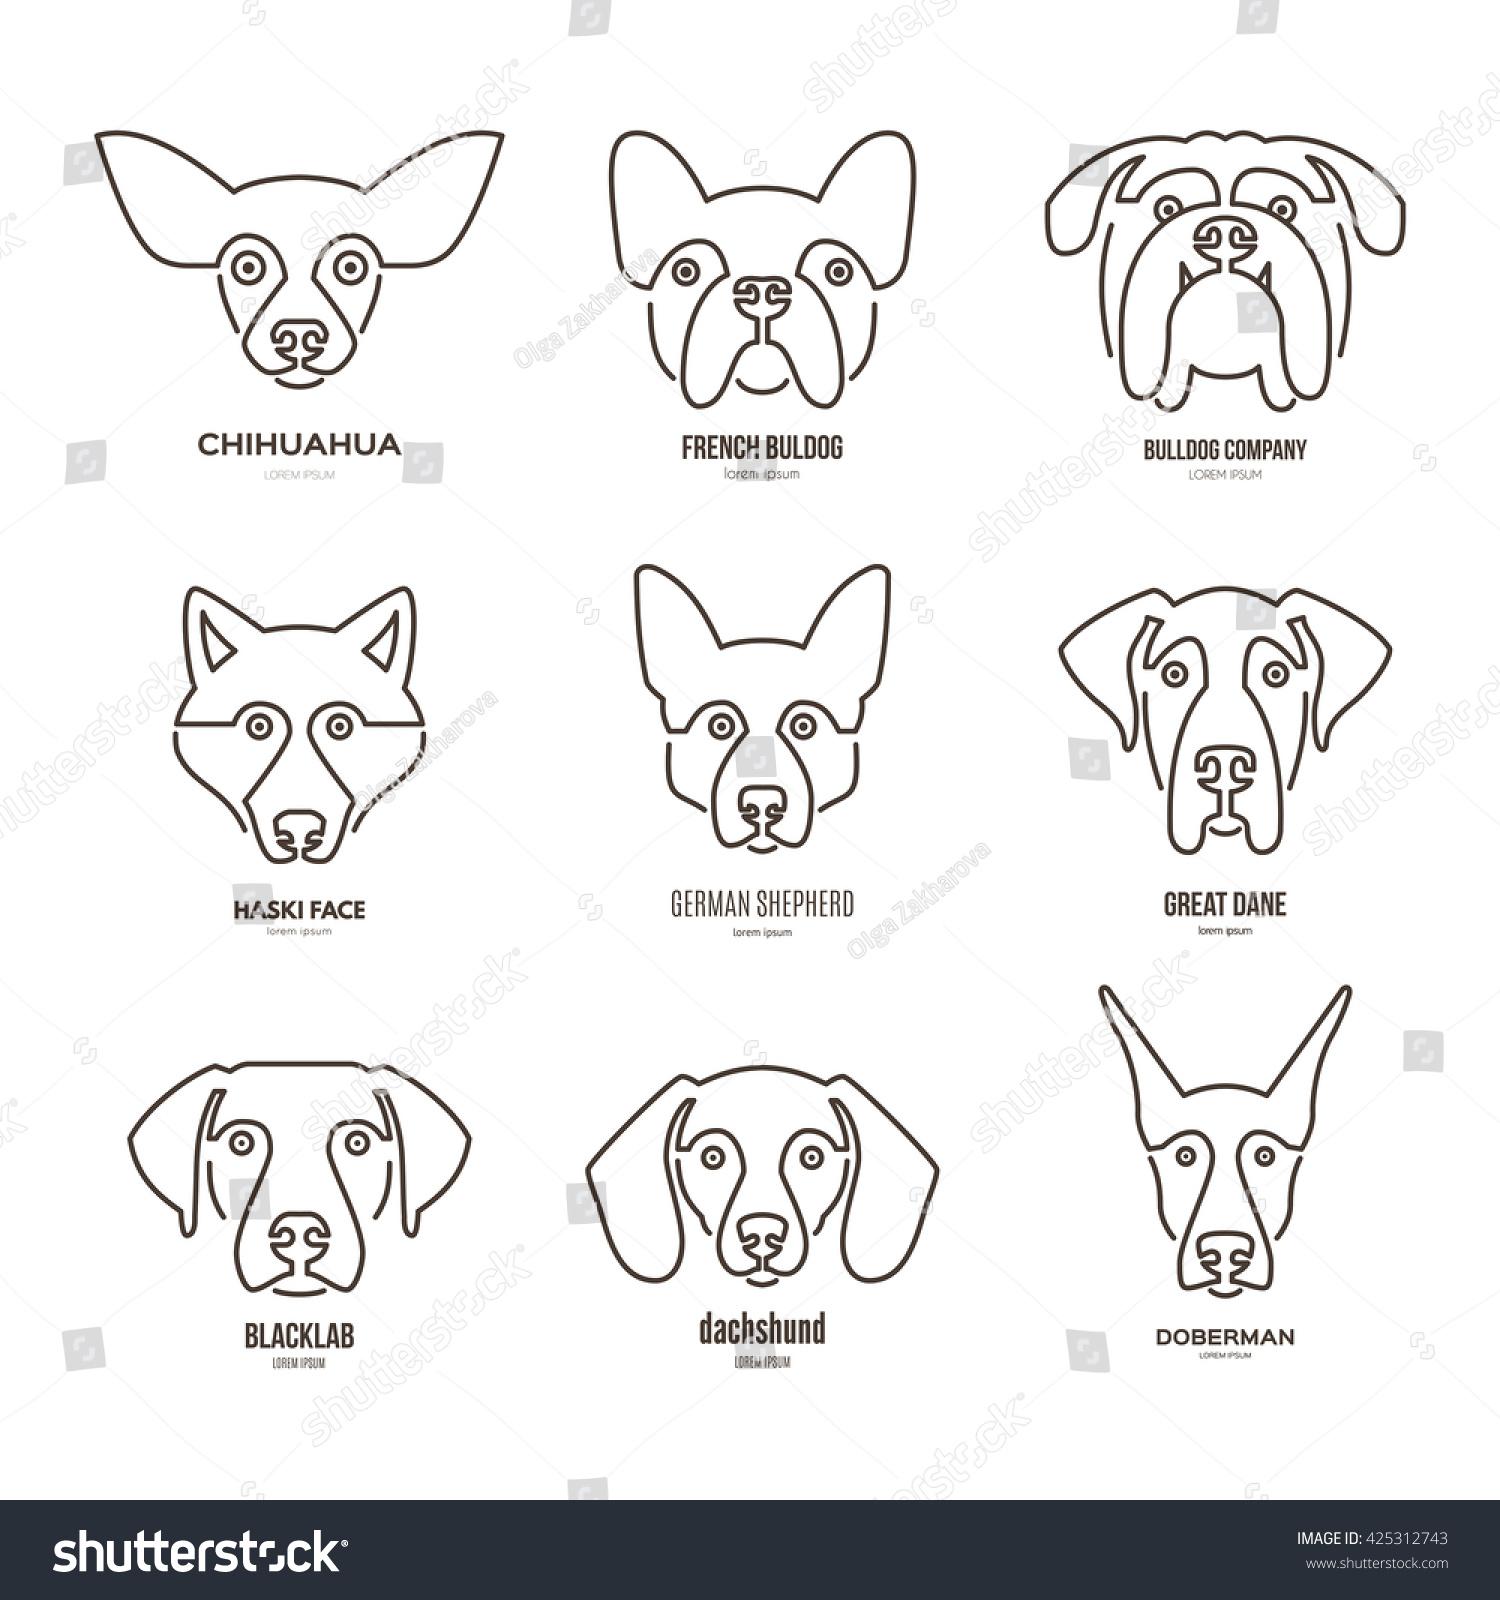 619 Bullies - Dog breeding kennel logo wanted!   Logo ...  Dog Breeding Logos